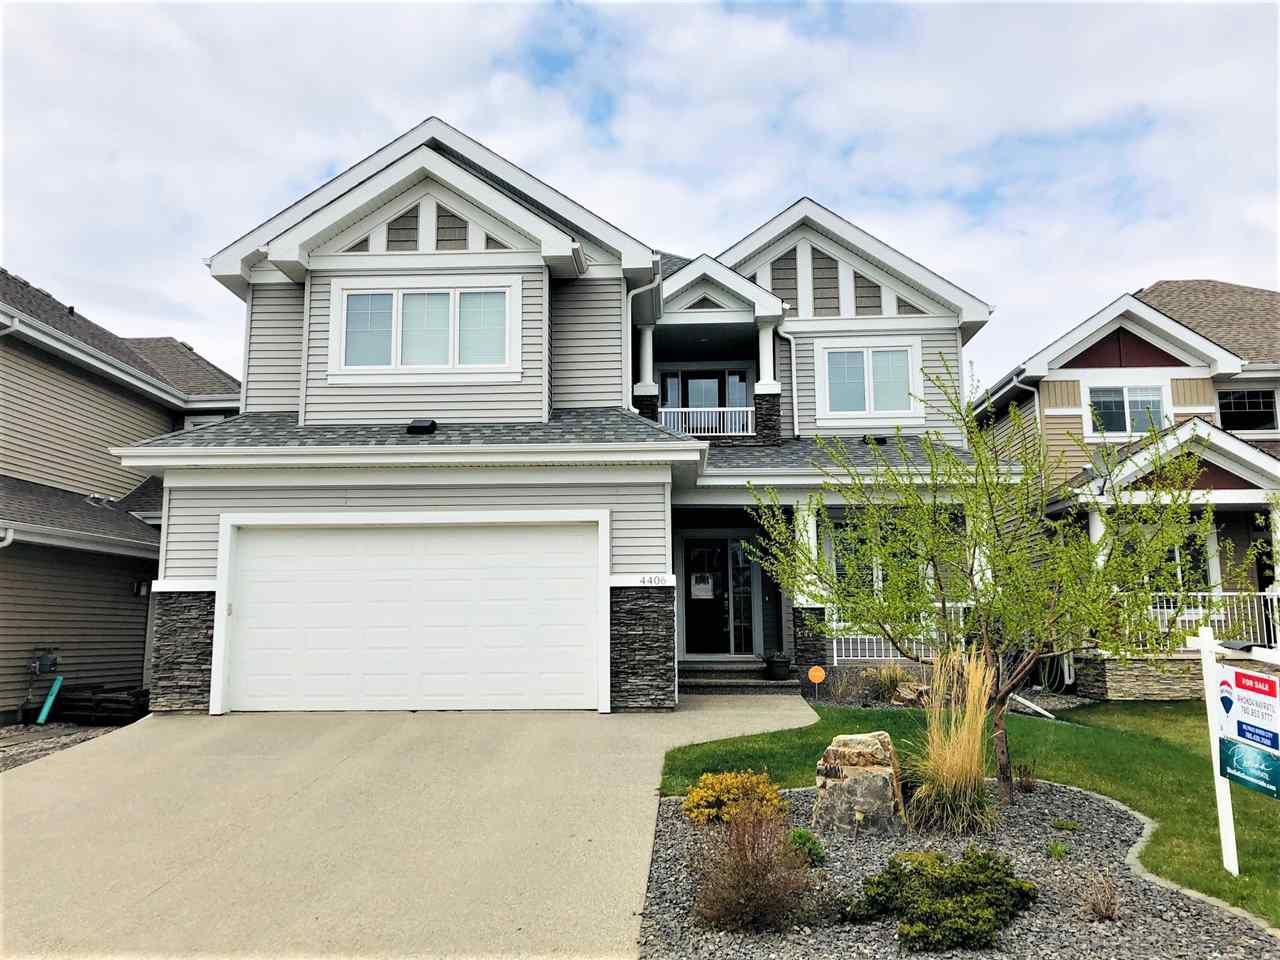 Main Photo: 4406 SUZANNA Crescent in Edmonton: Zone 53 House for sale : MLS®# E4148405